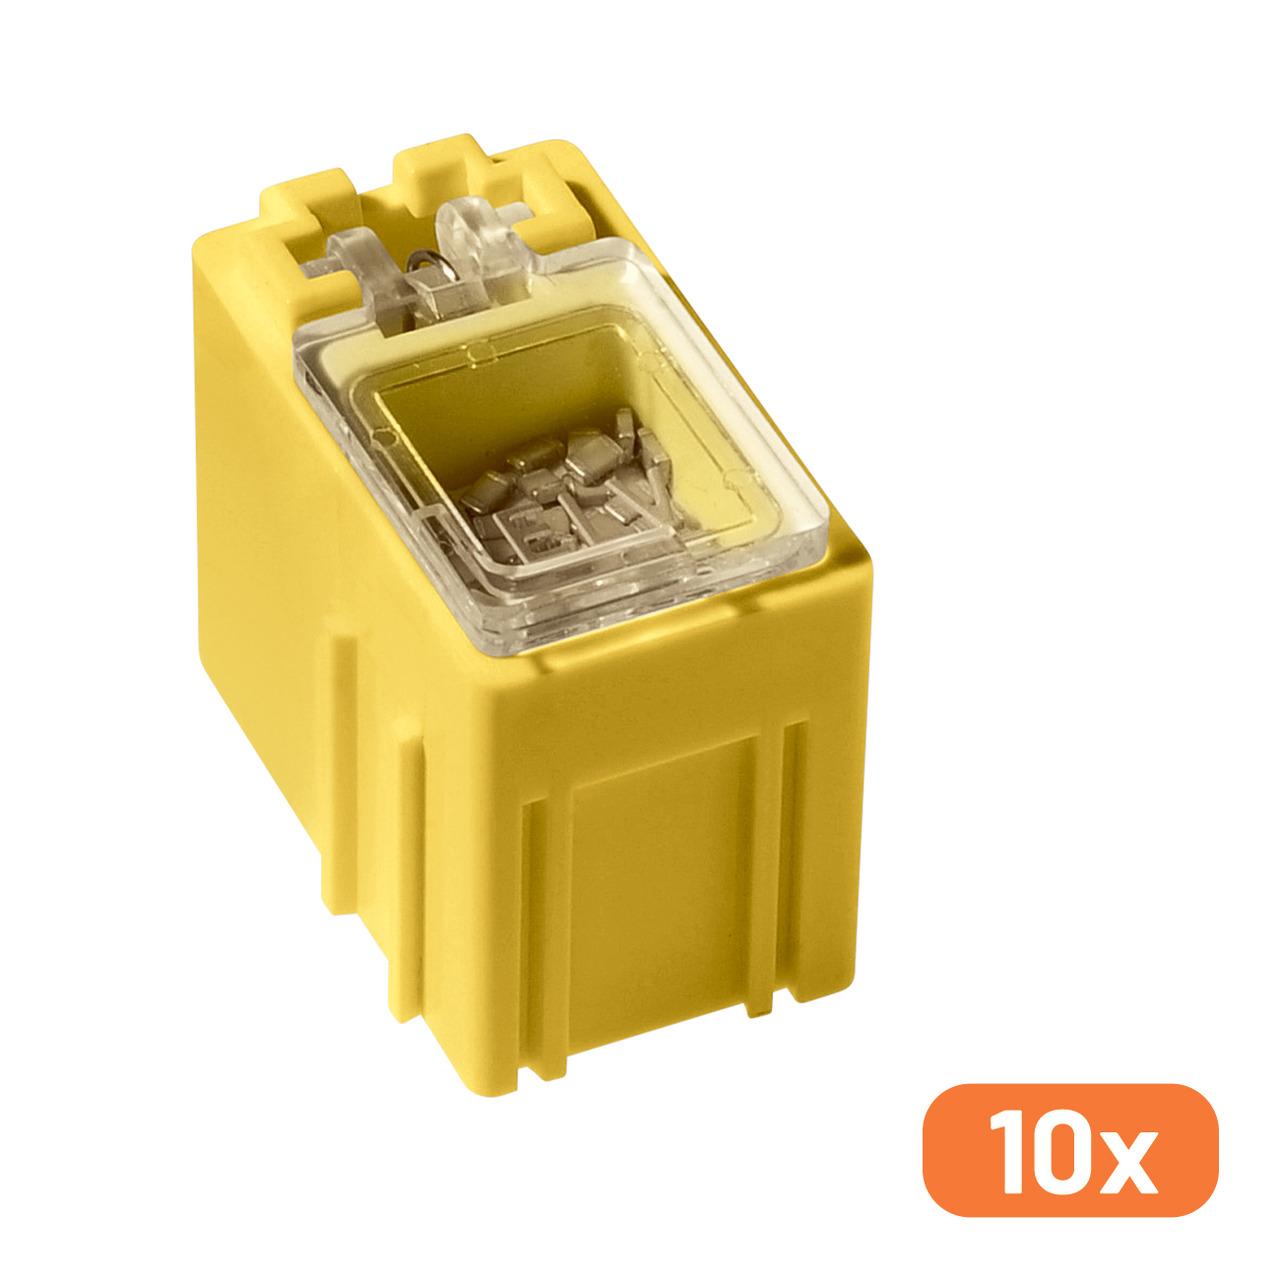 ELV 10er-Set SMD-Sortierbox- Gelb- 23 x 15-5 x 27 mm